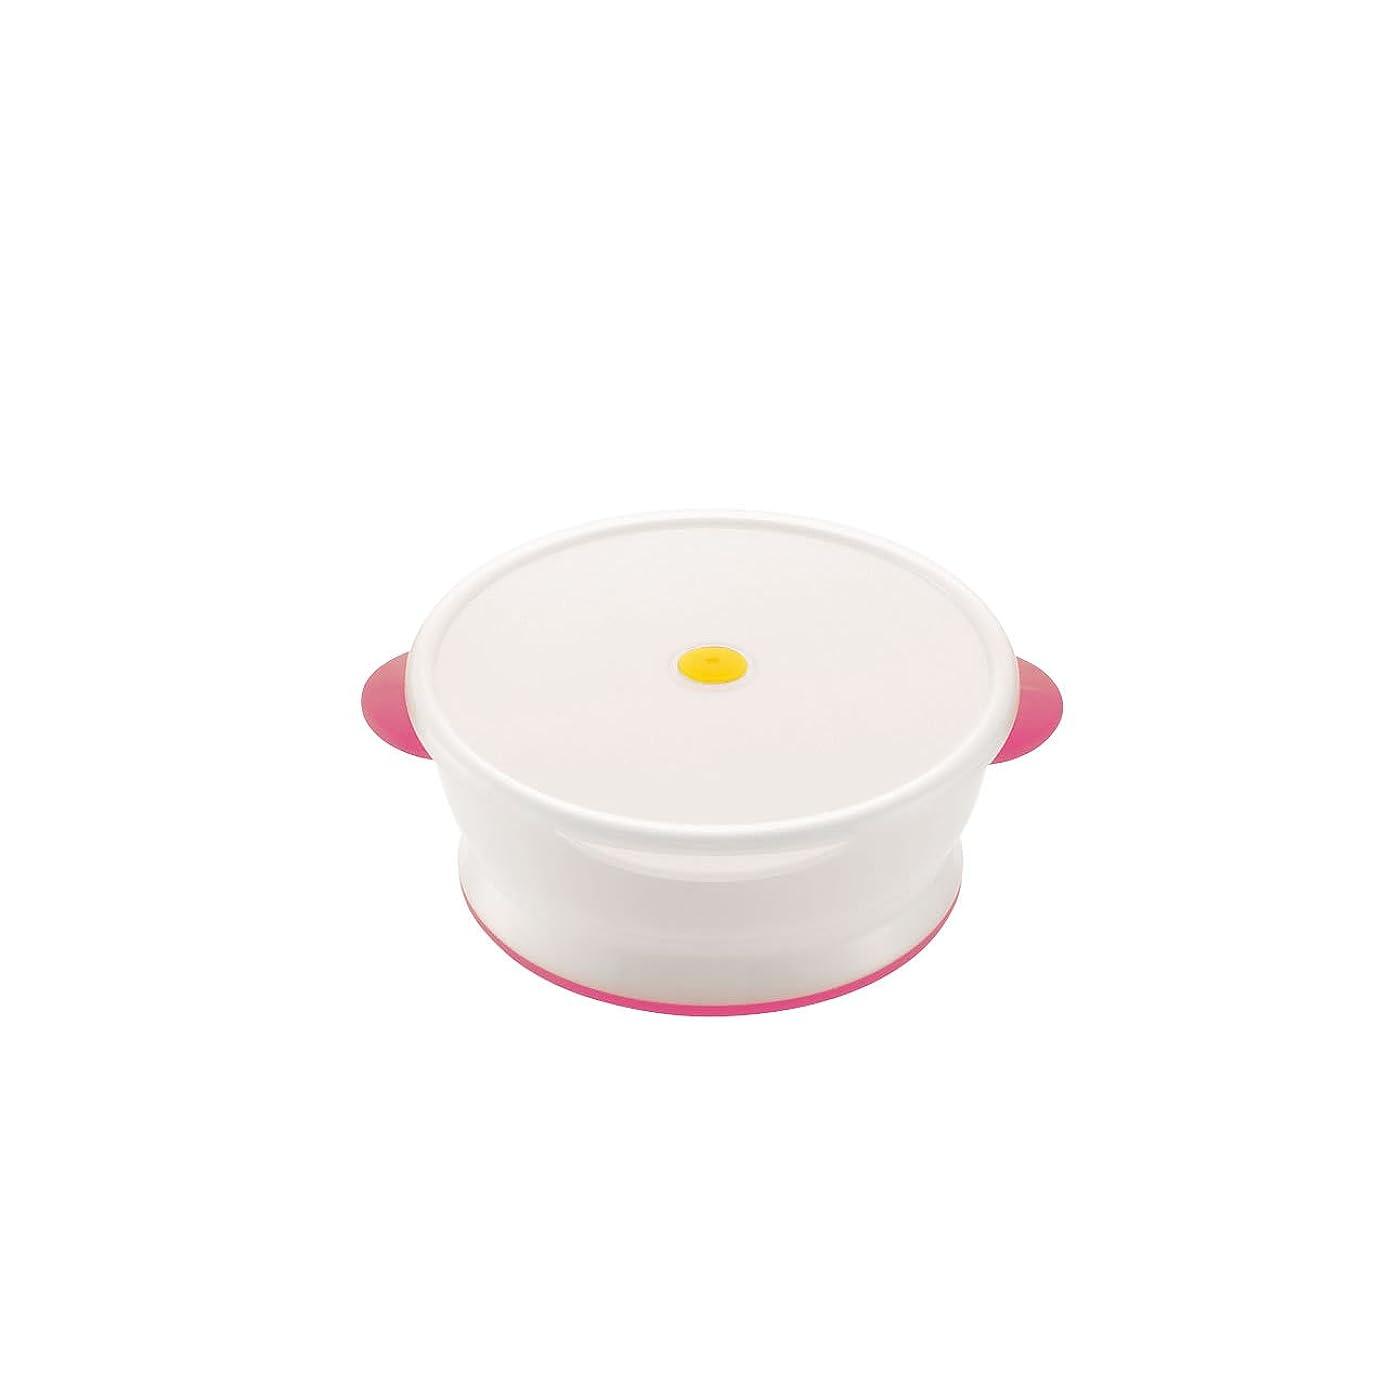 縫う永久同一性HKUN 粉ミルク ディスペンサー 赤ちゃん ベビー お出かけ用 4層 粉ミルク スナック 離乳食 保存容器 フードボックス